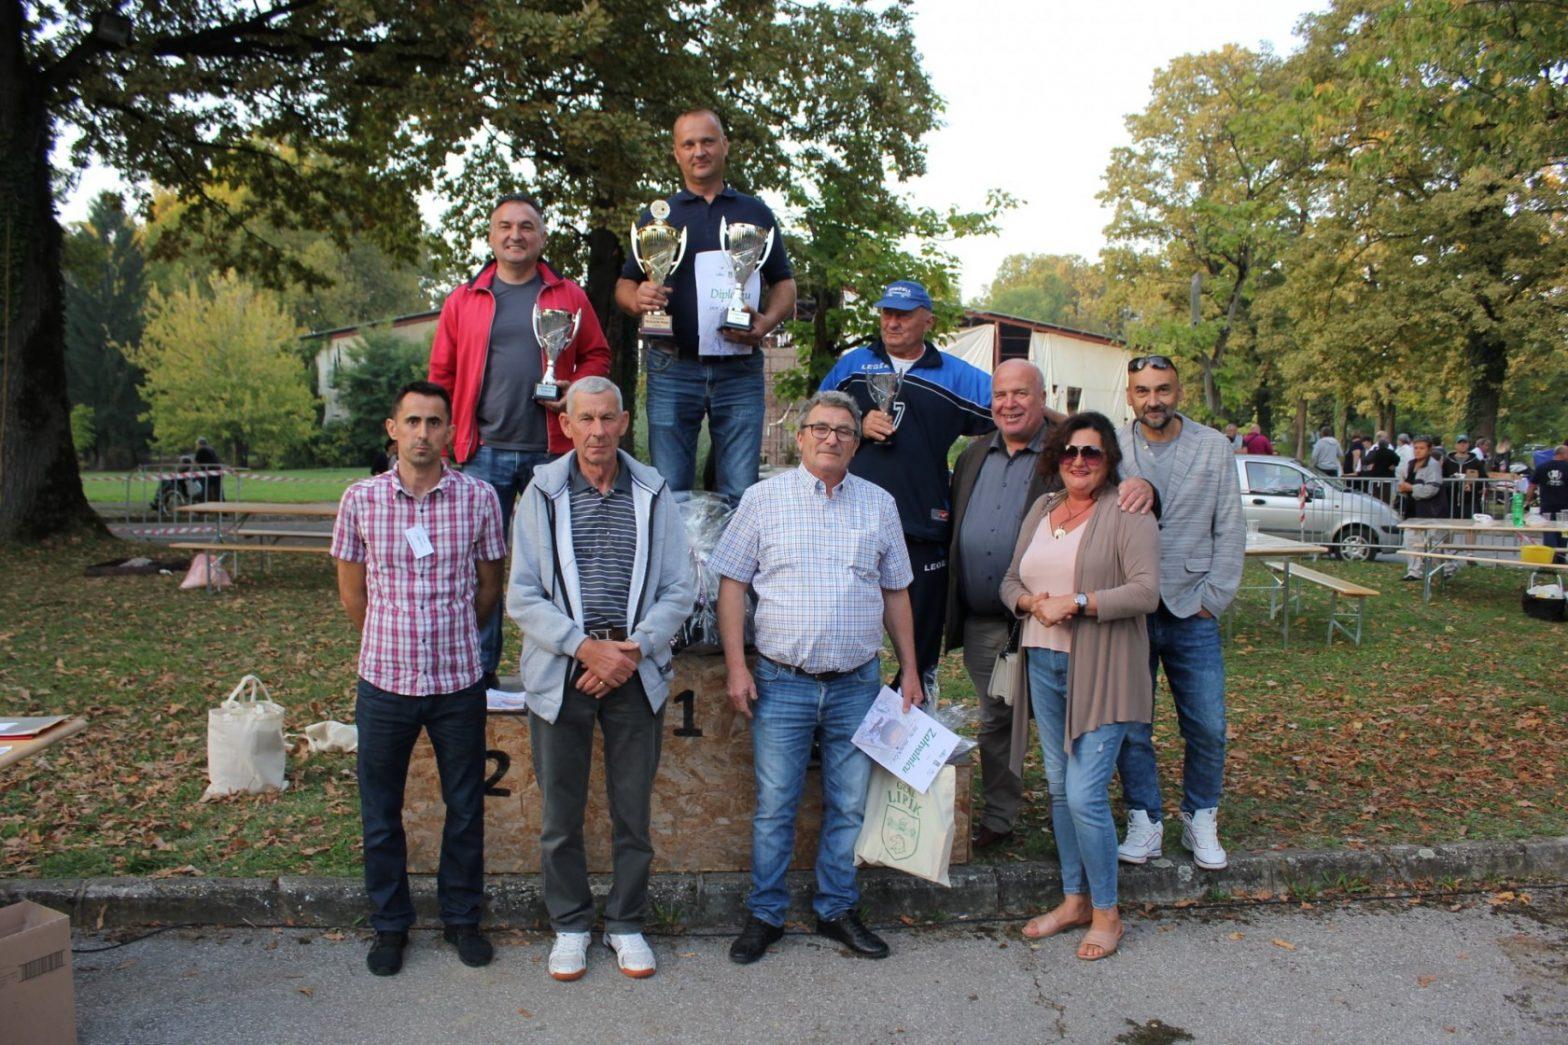 Na Fišijadi se natjecalo 35 ekipa, a najbolji fiš je ponovno pripremio Kristian Katušić iz Babine Grede